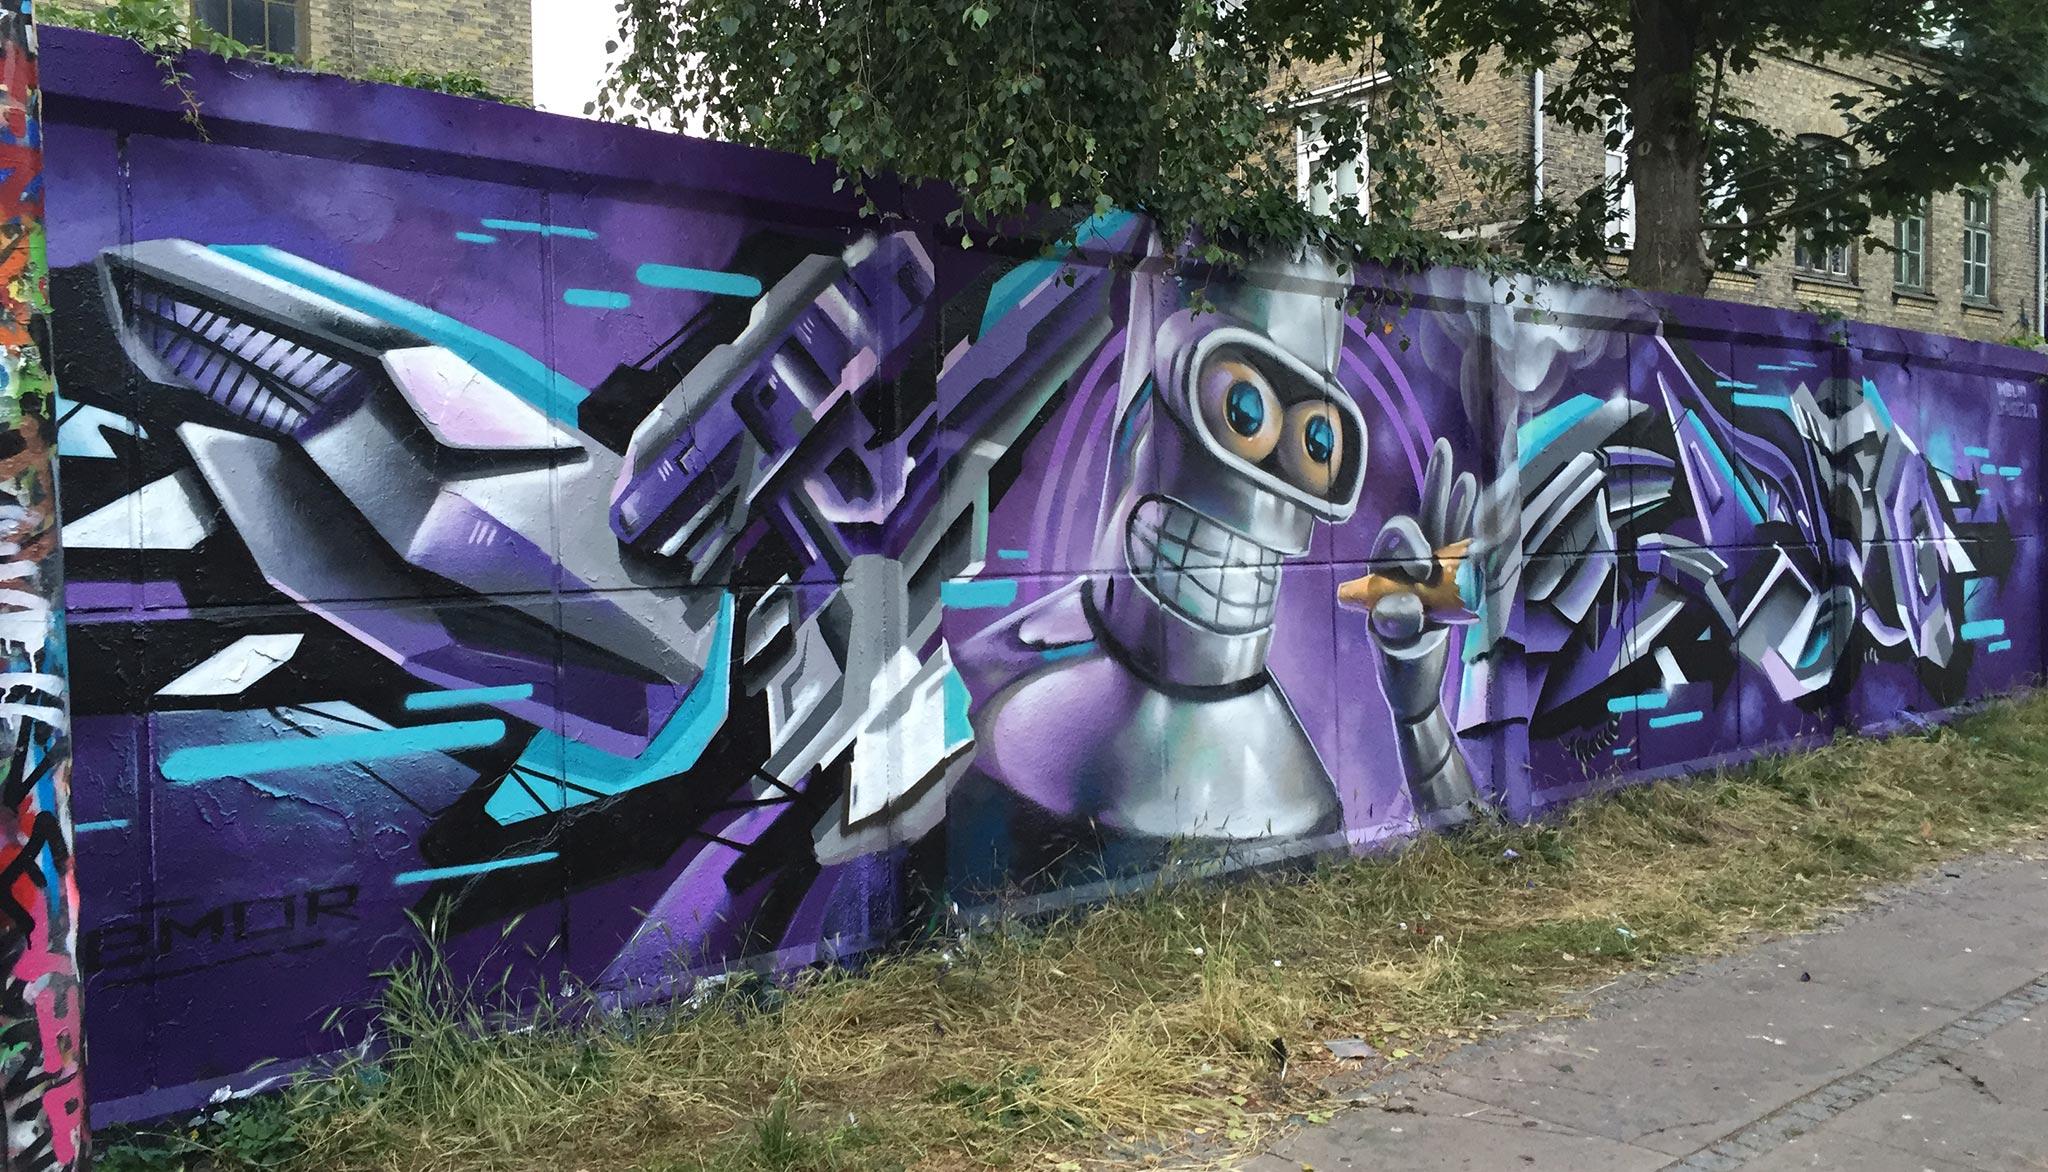 shogun_graffiti_welin_copenhagen_2016_3